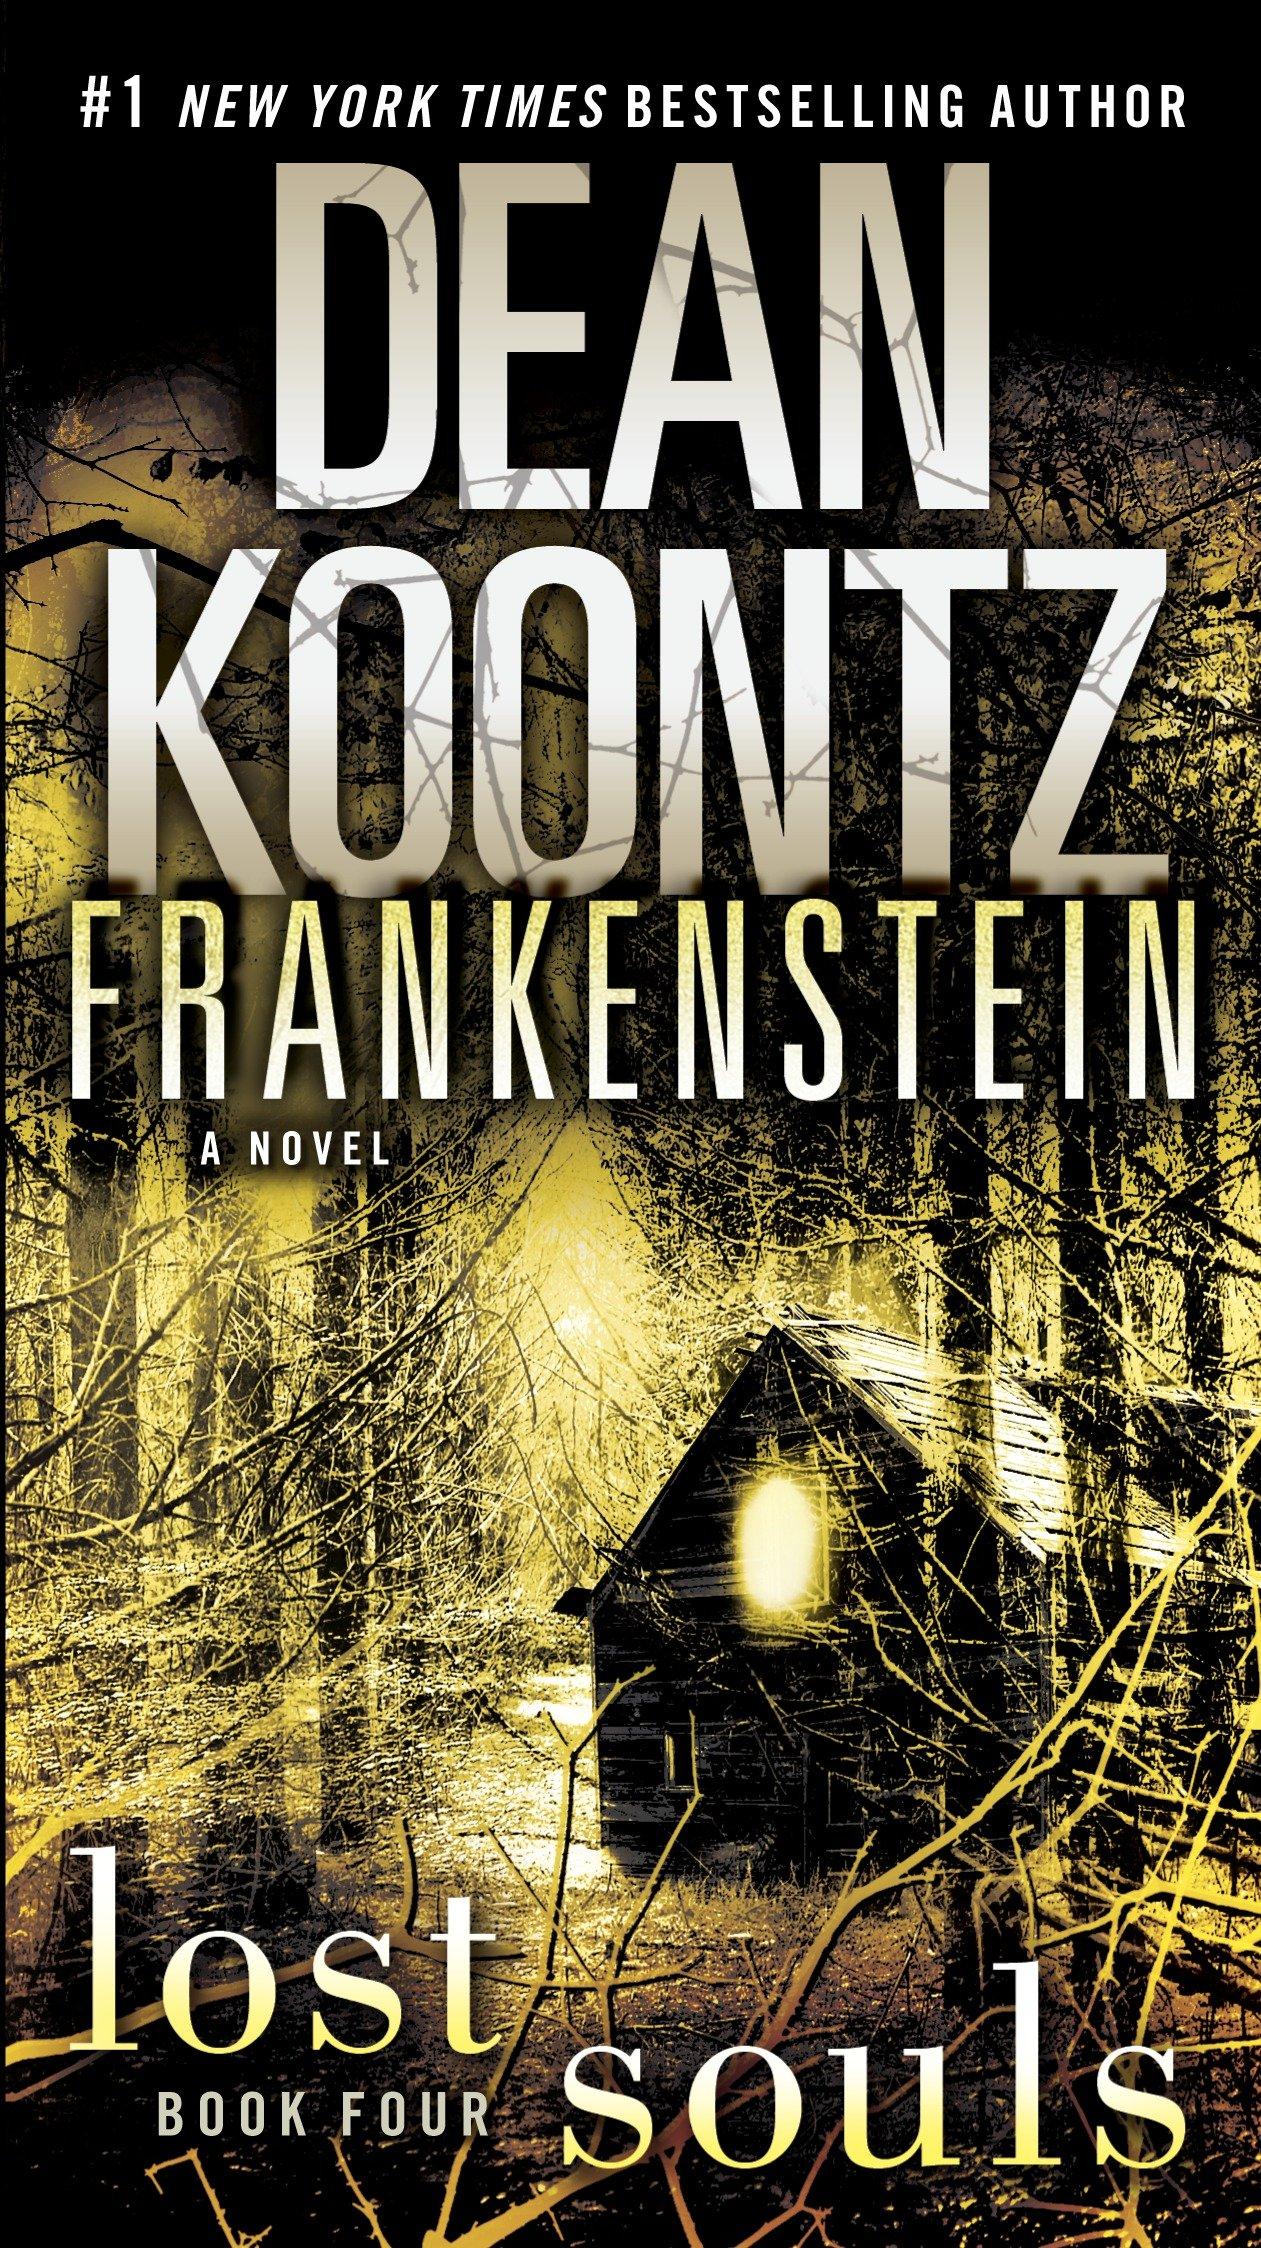 Frankenstein lost souls : a novel